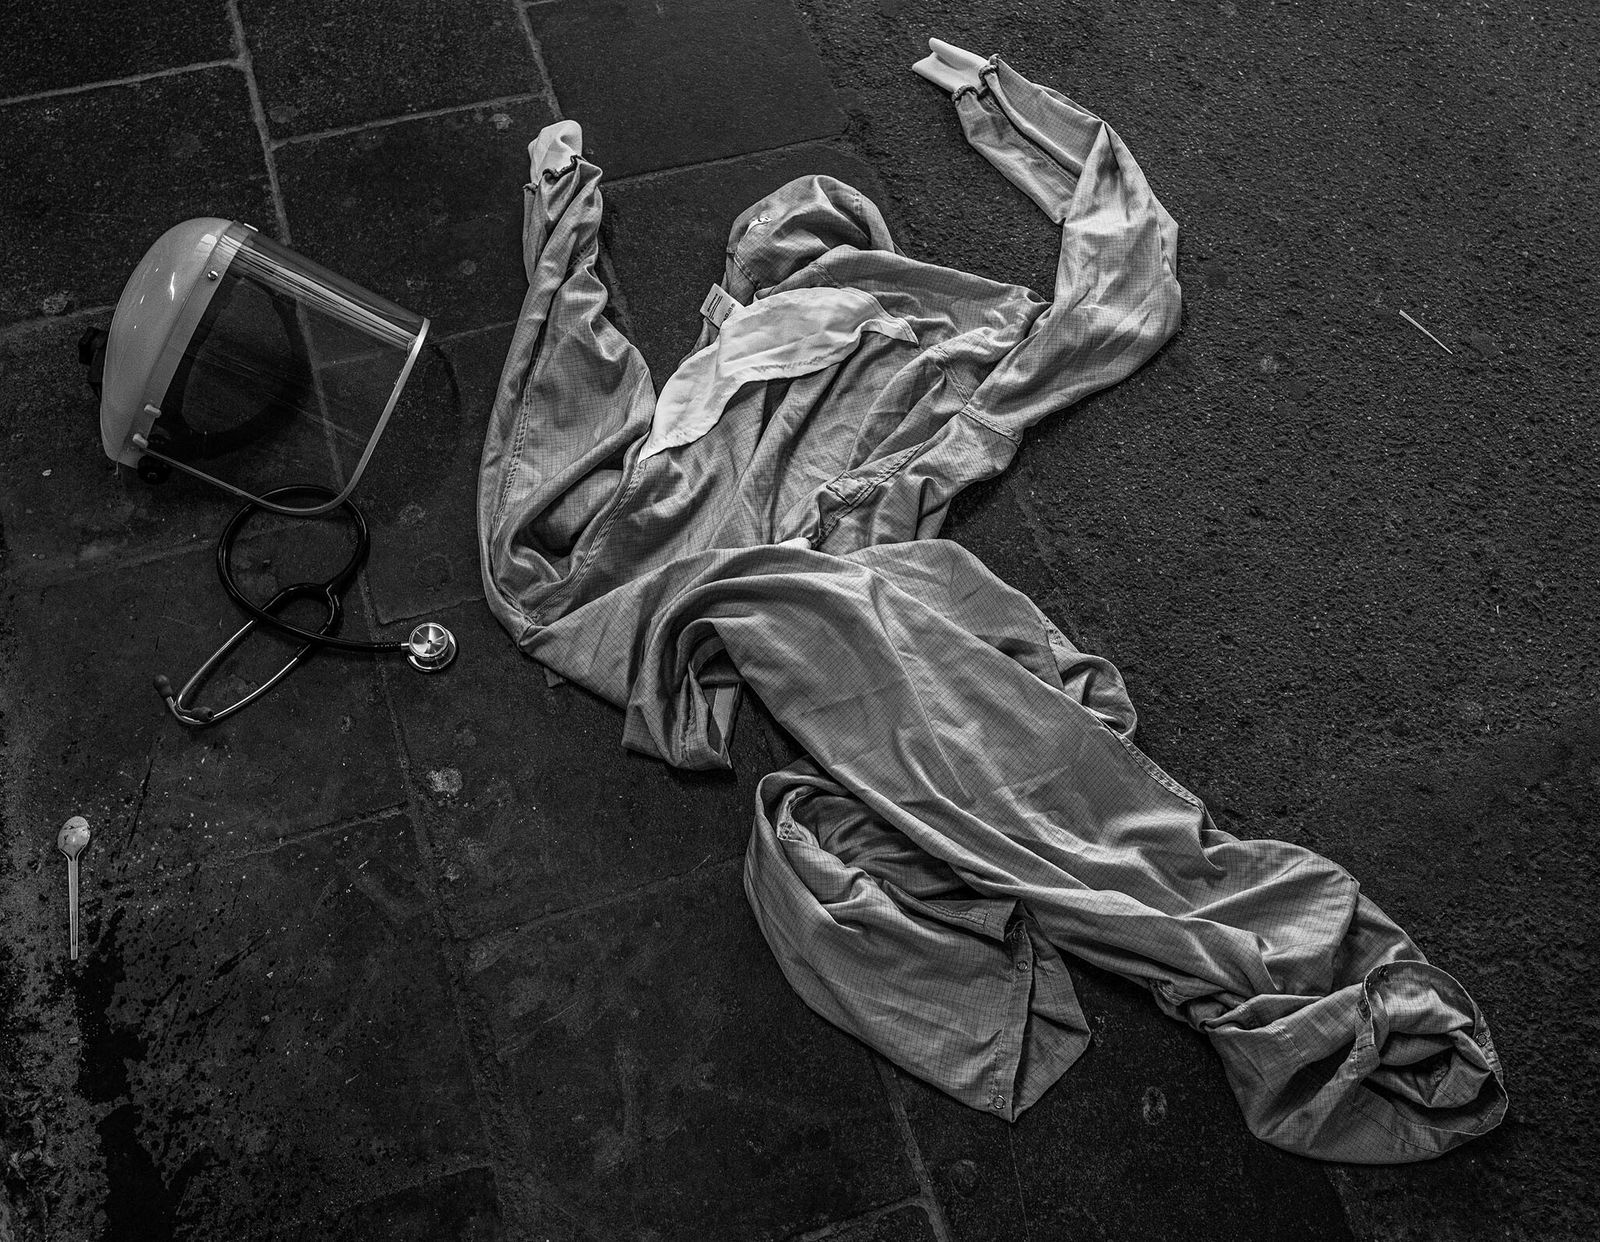 Fotografía de EPI tirado en el suelo